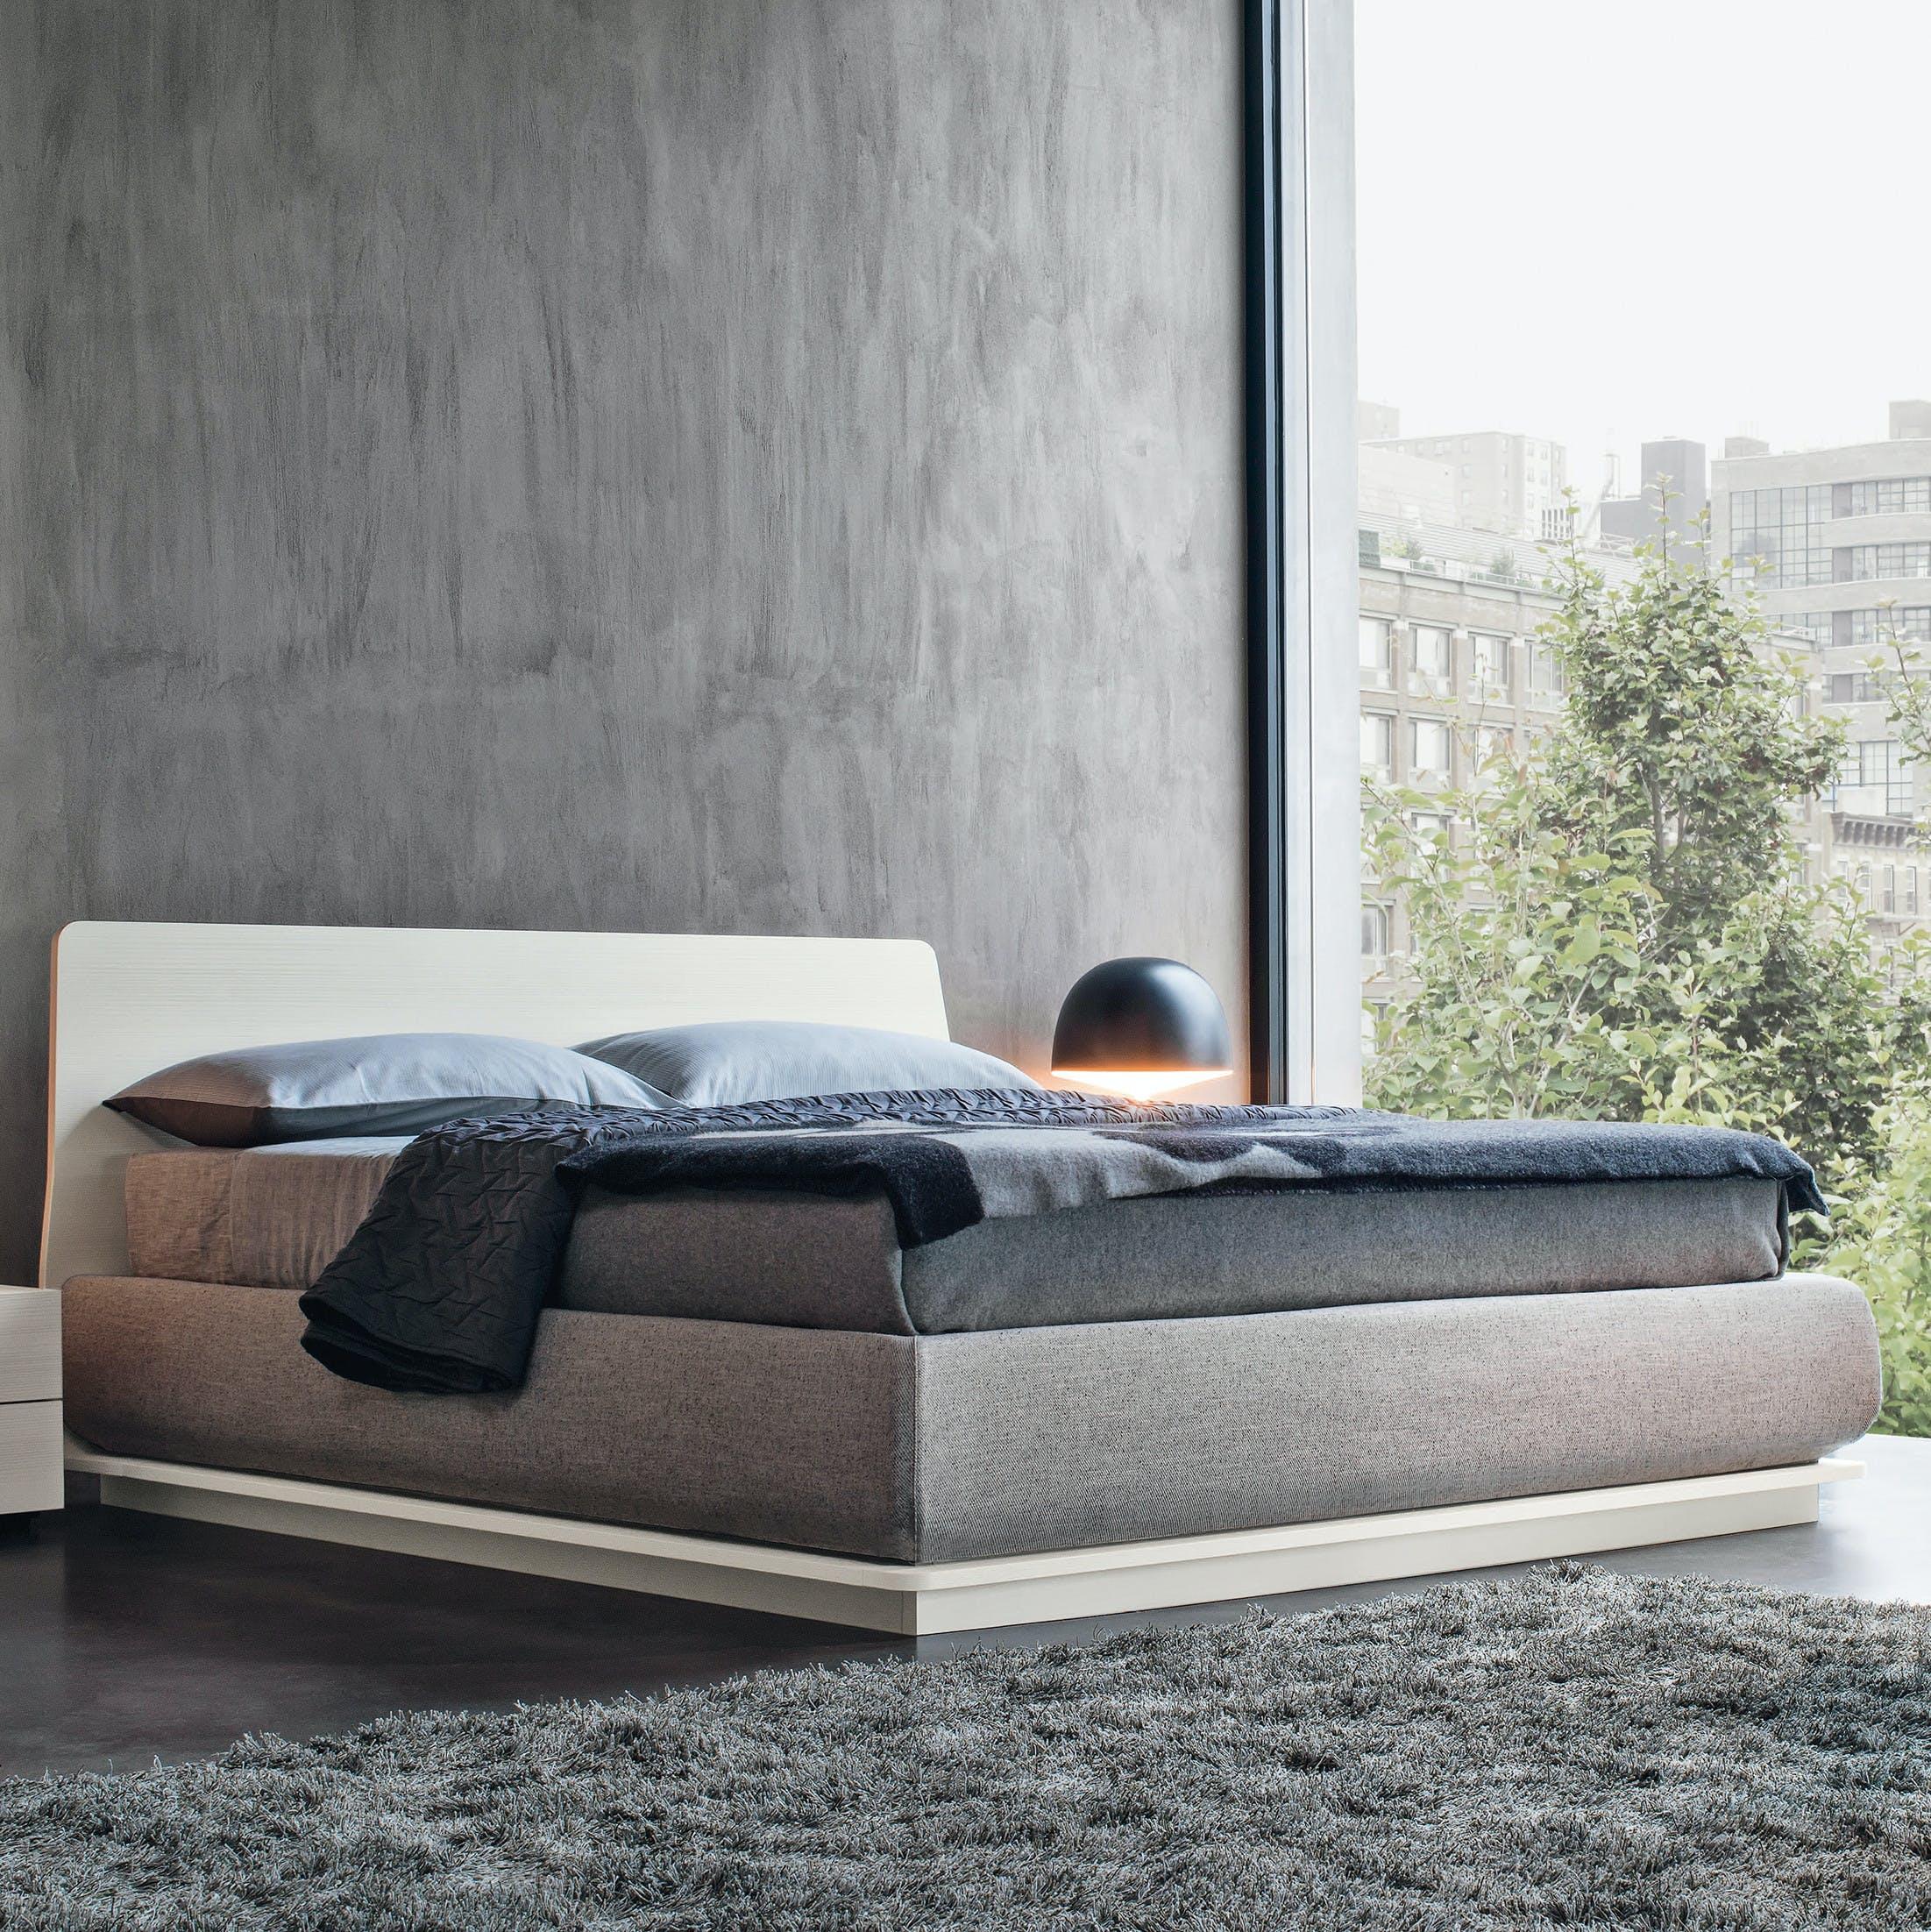 Giellesse Charme Bed Full Angle Haute Living